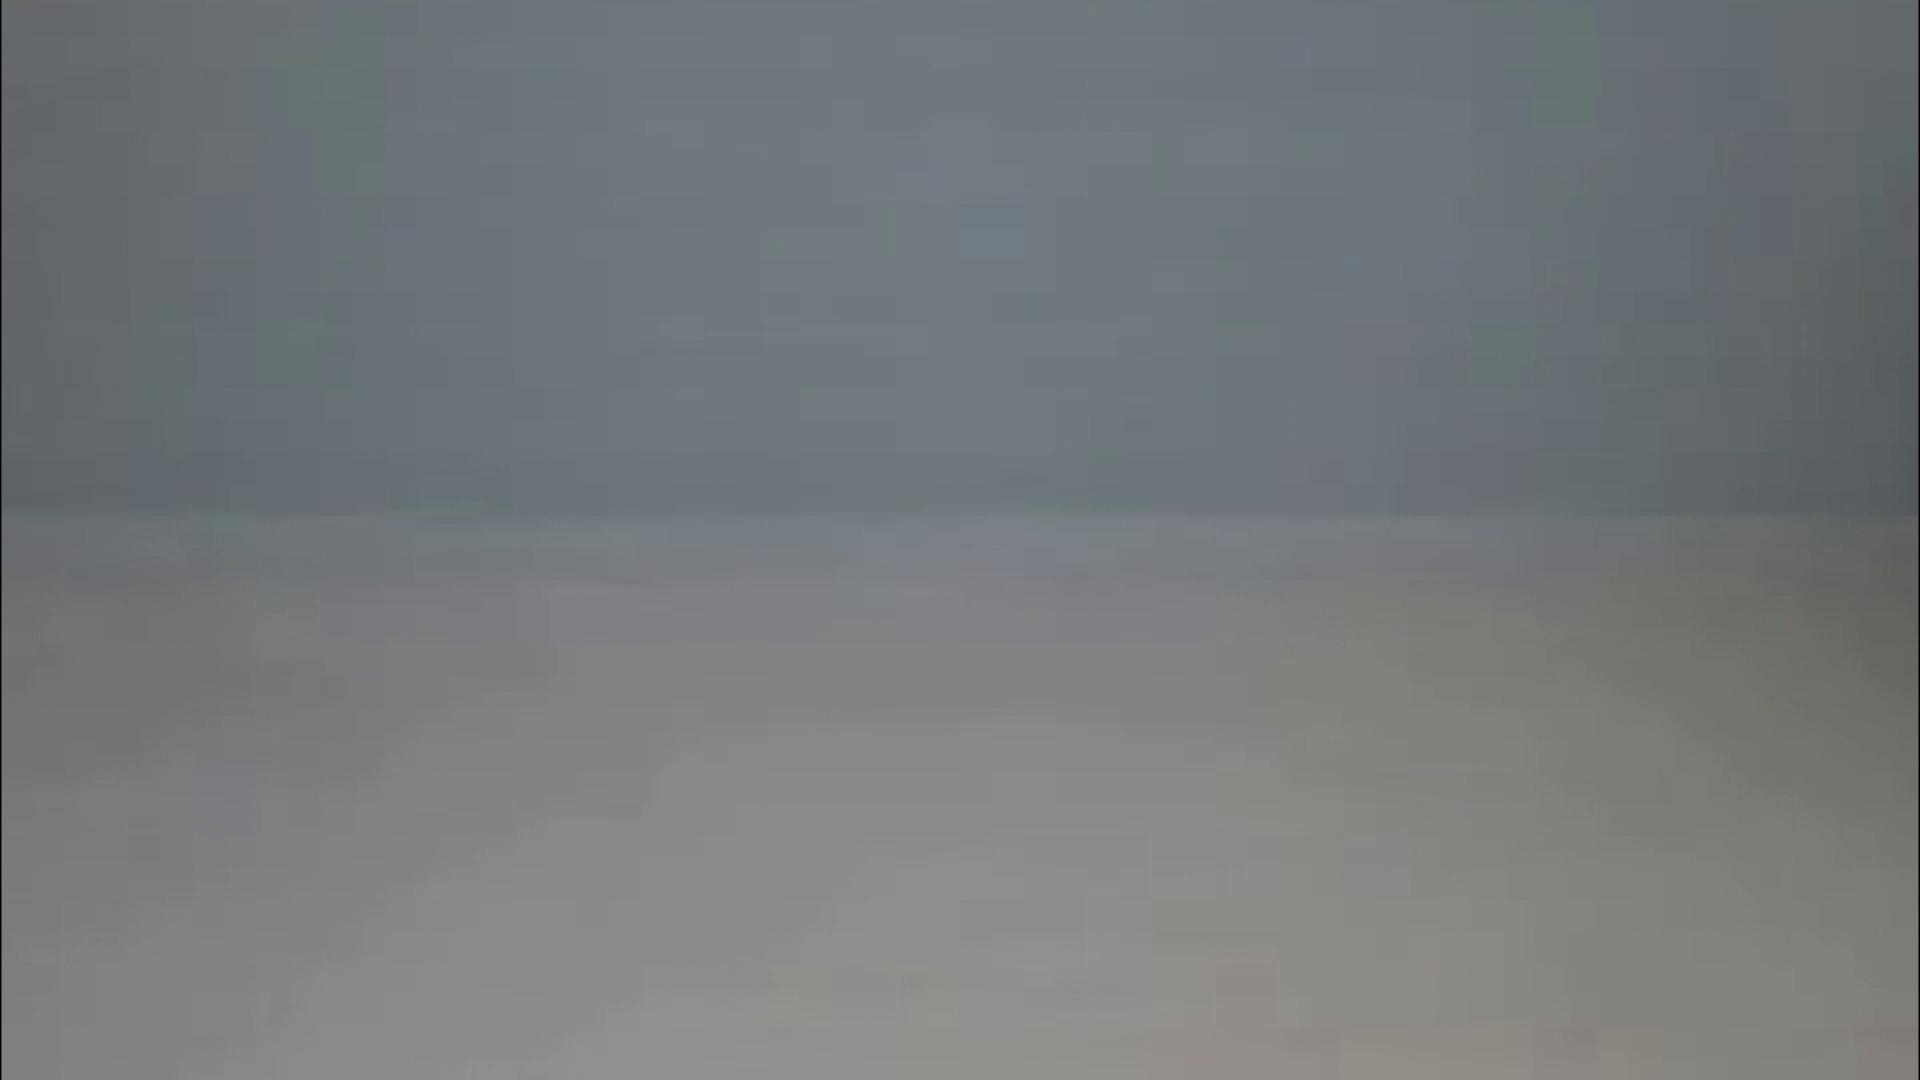 流出マル秘ファイル!ライブオナニーⅡFile.06 オナニー特集 | 流出動画  50pic 38